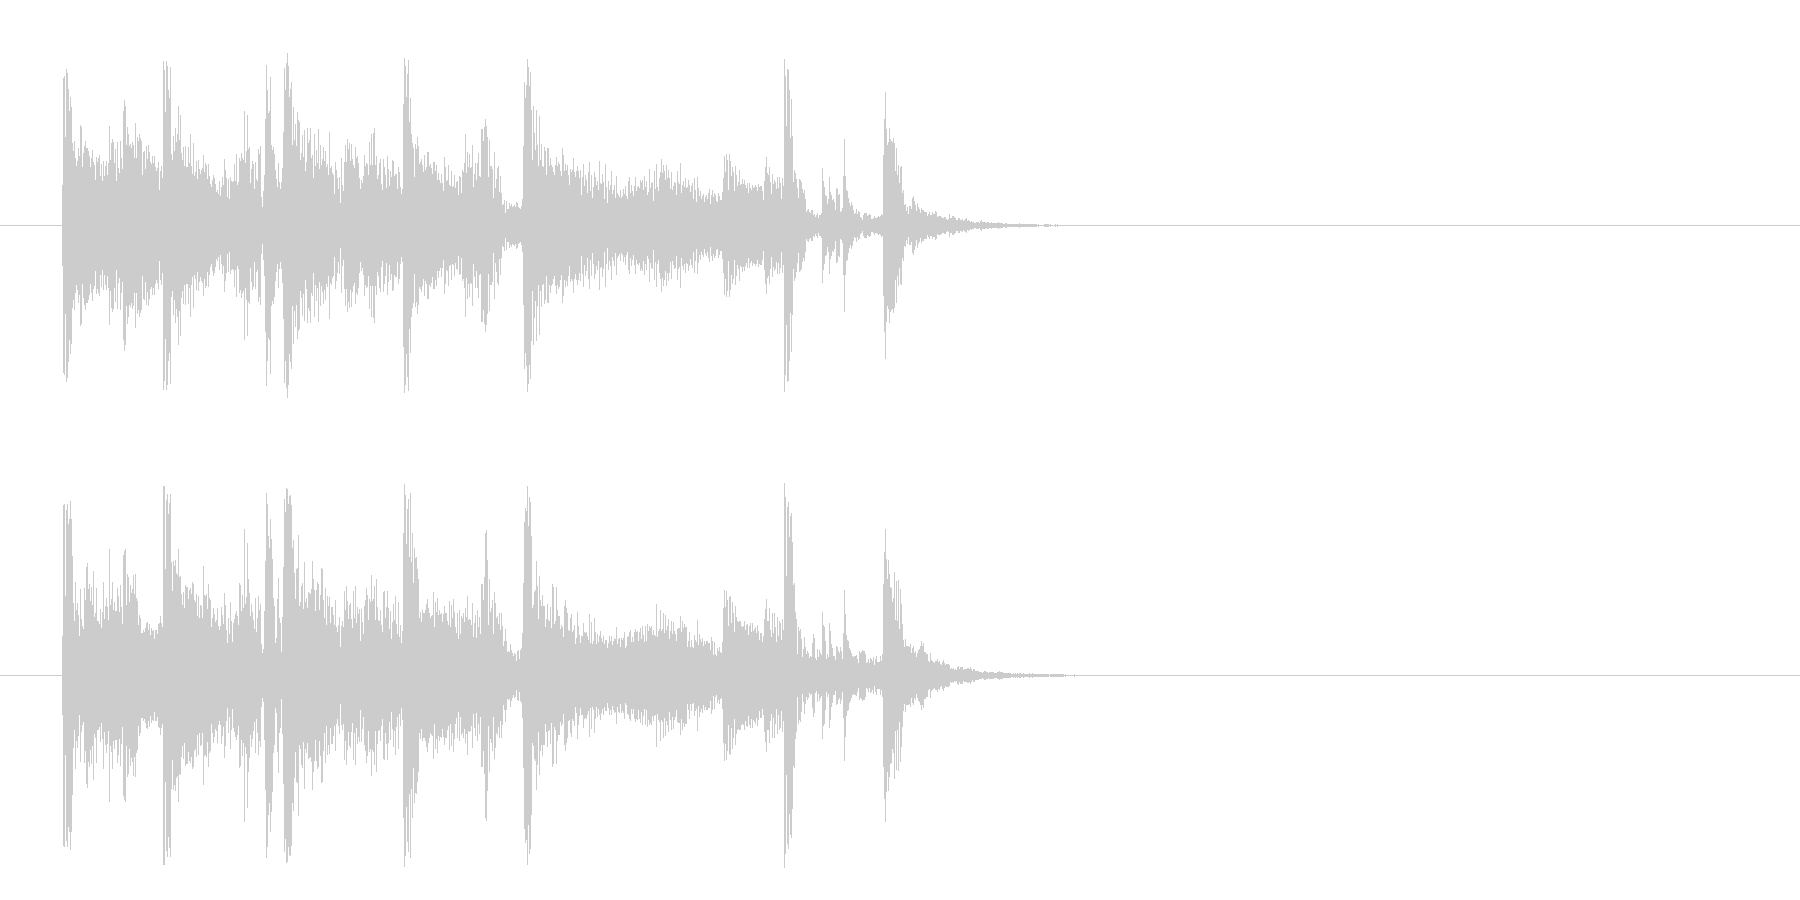 ジングル/のんびりとしたポップ(ジャズ)の未再生の波形